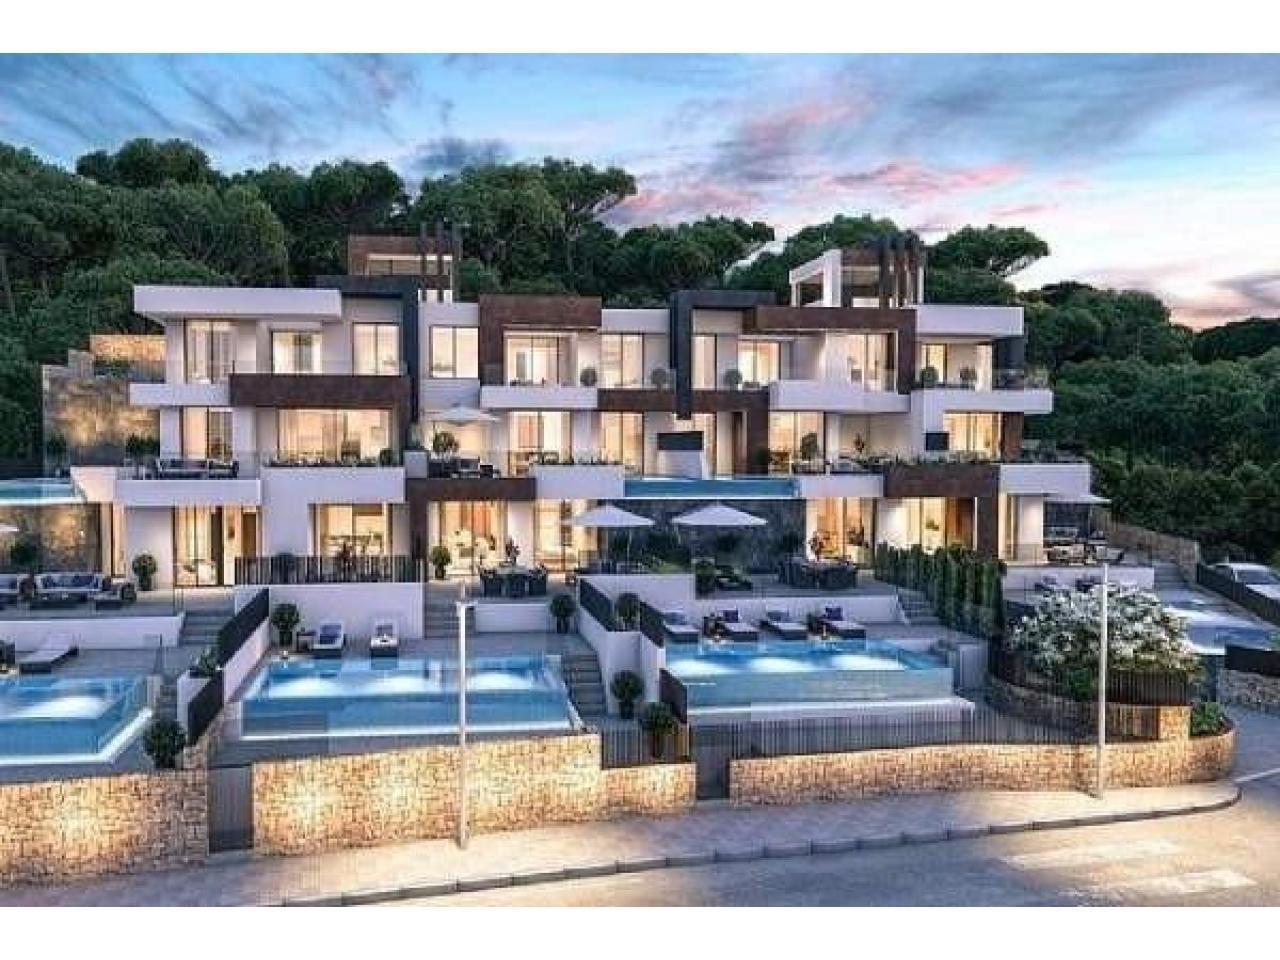 Недвижимость в Испании, Новые квартиры с видами на море от застройщика в Бенидорм - 7